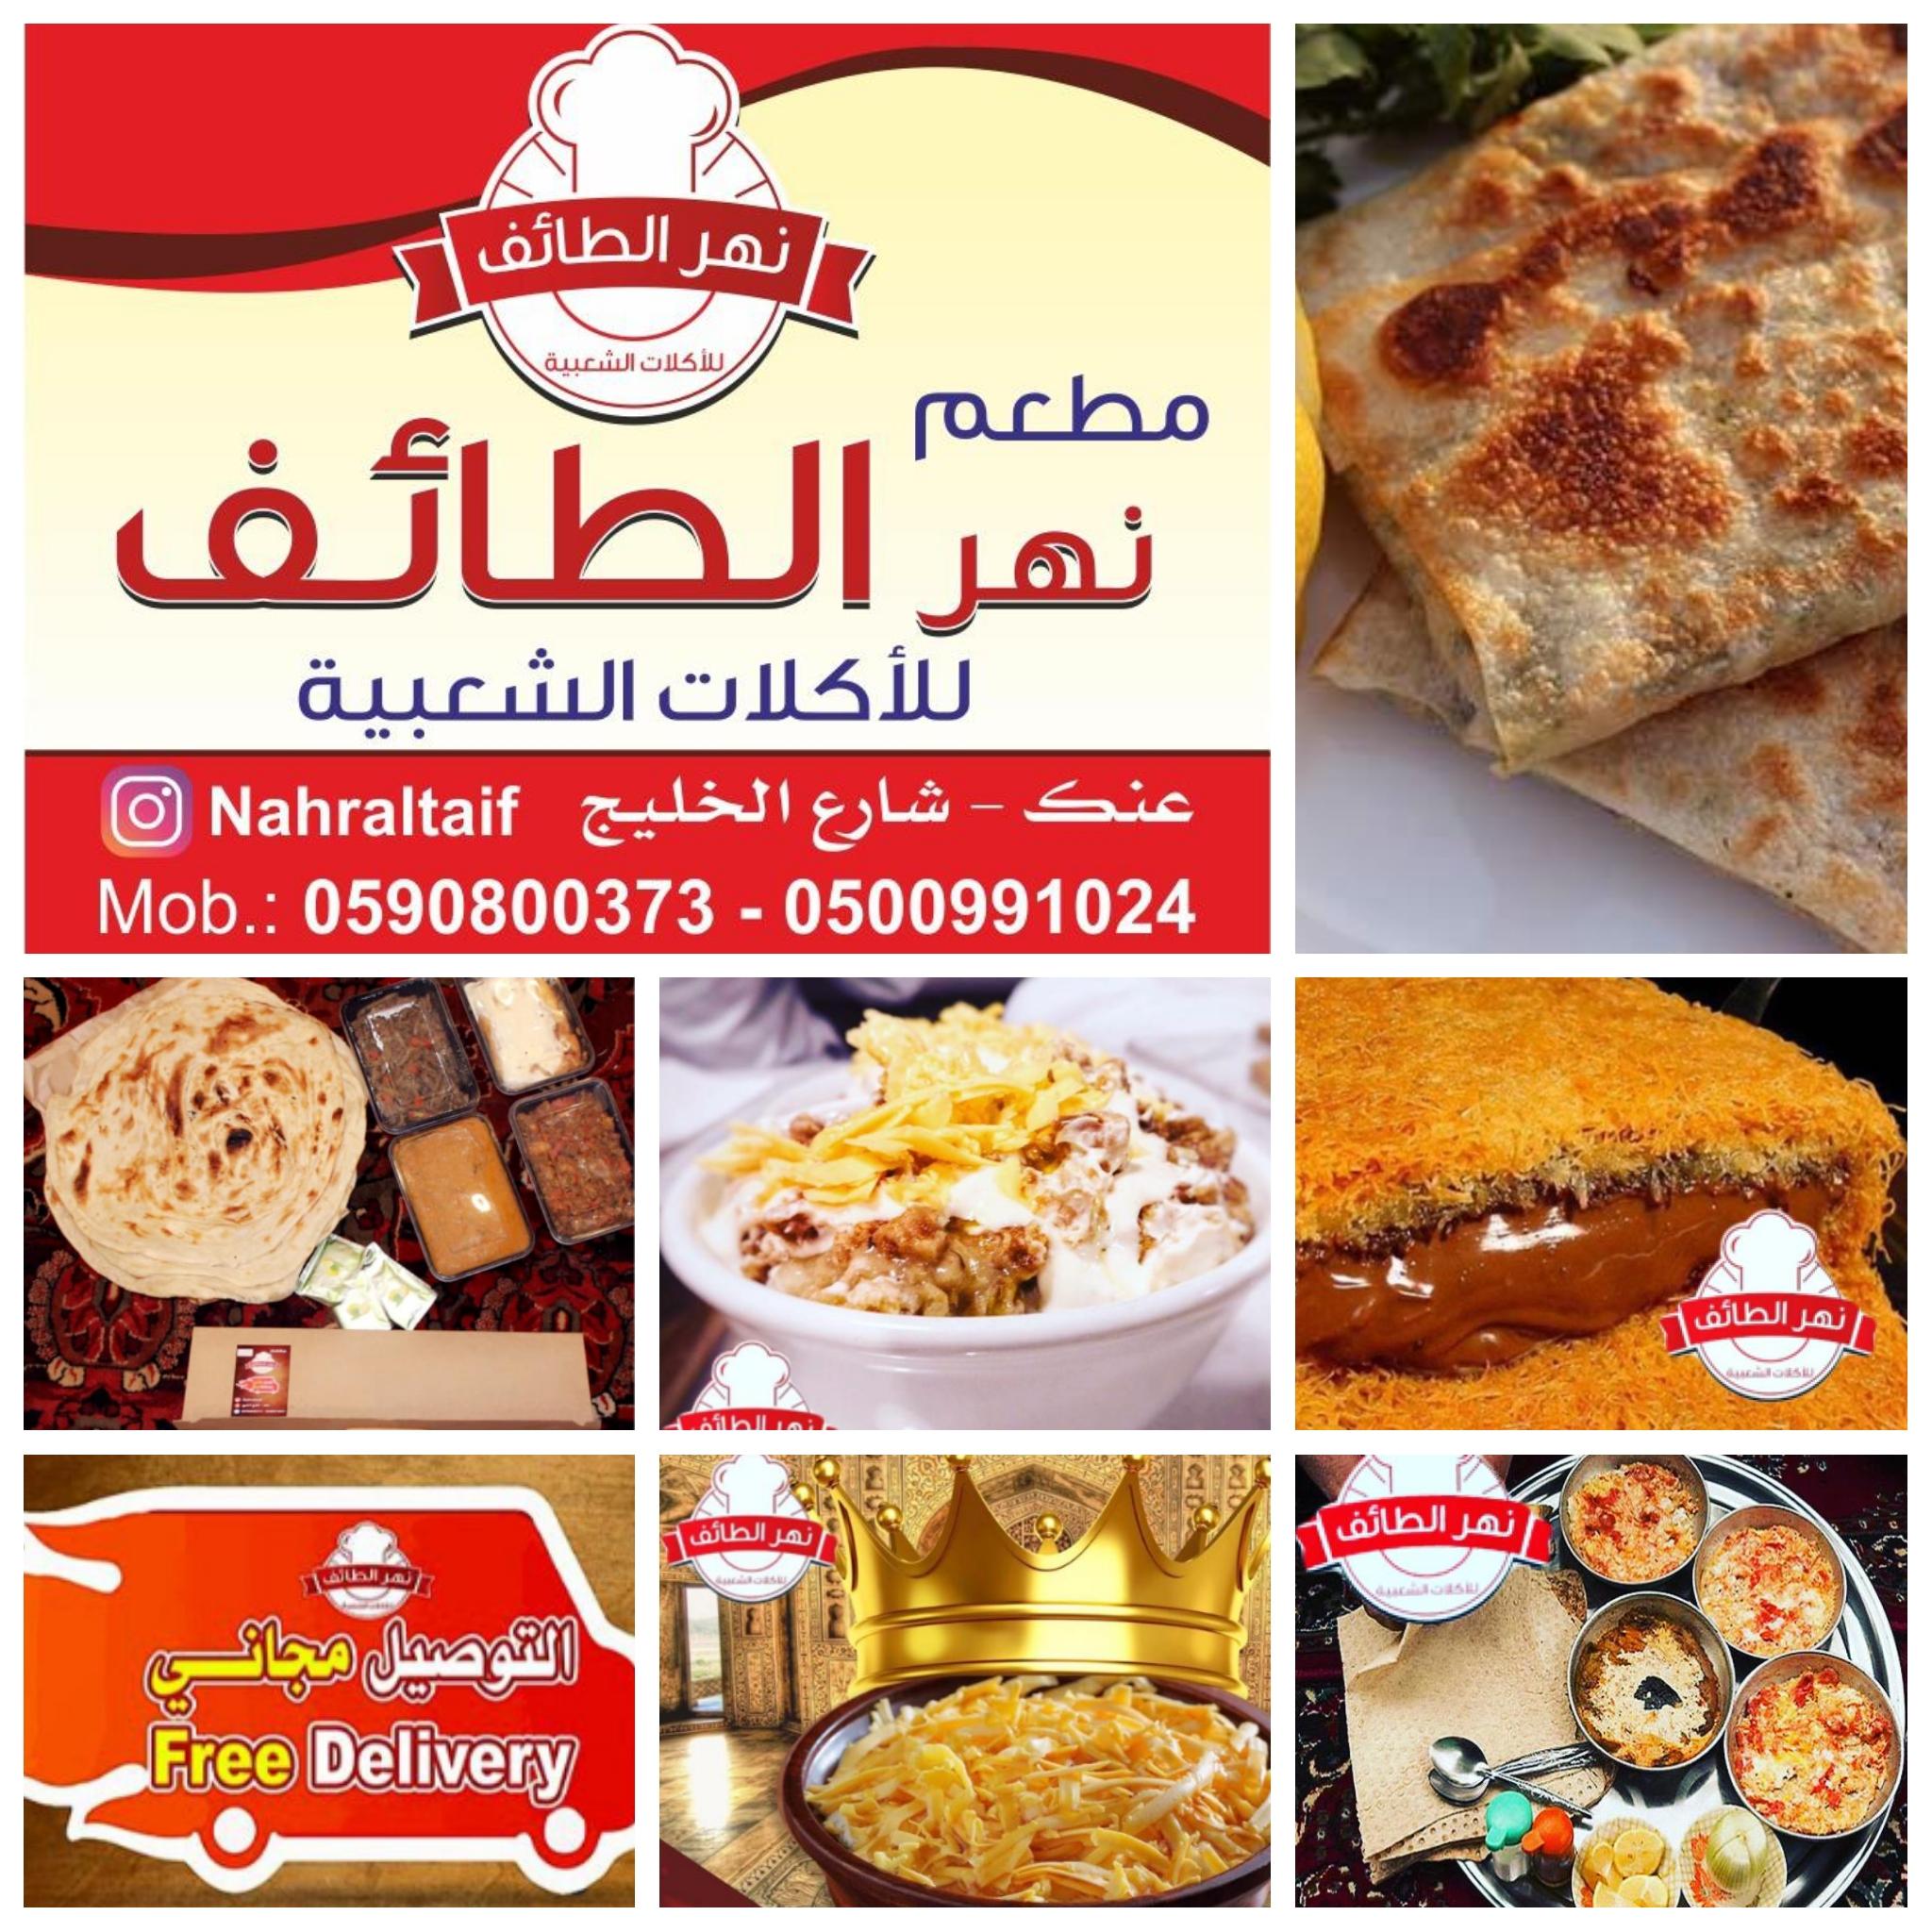 بأسعار لا مثيل لها تذوق جديد عروض مطعم نهر الطائف للأكلات الشعبية القطيف اليوم